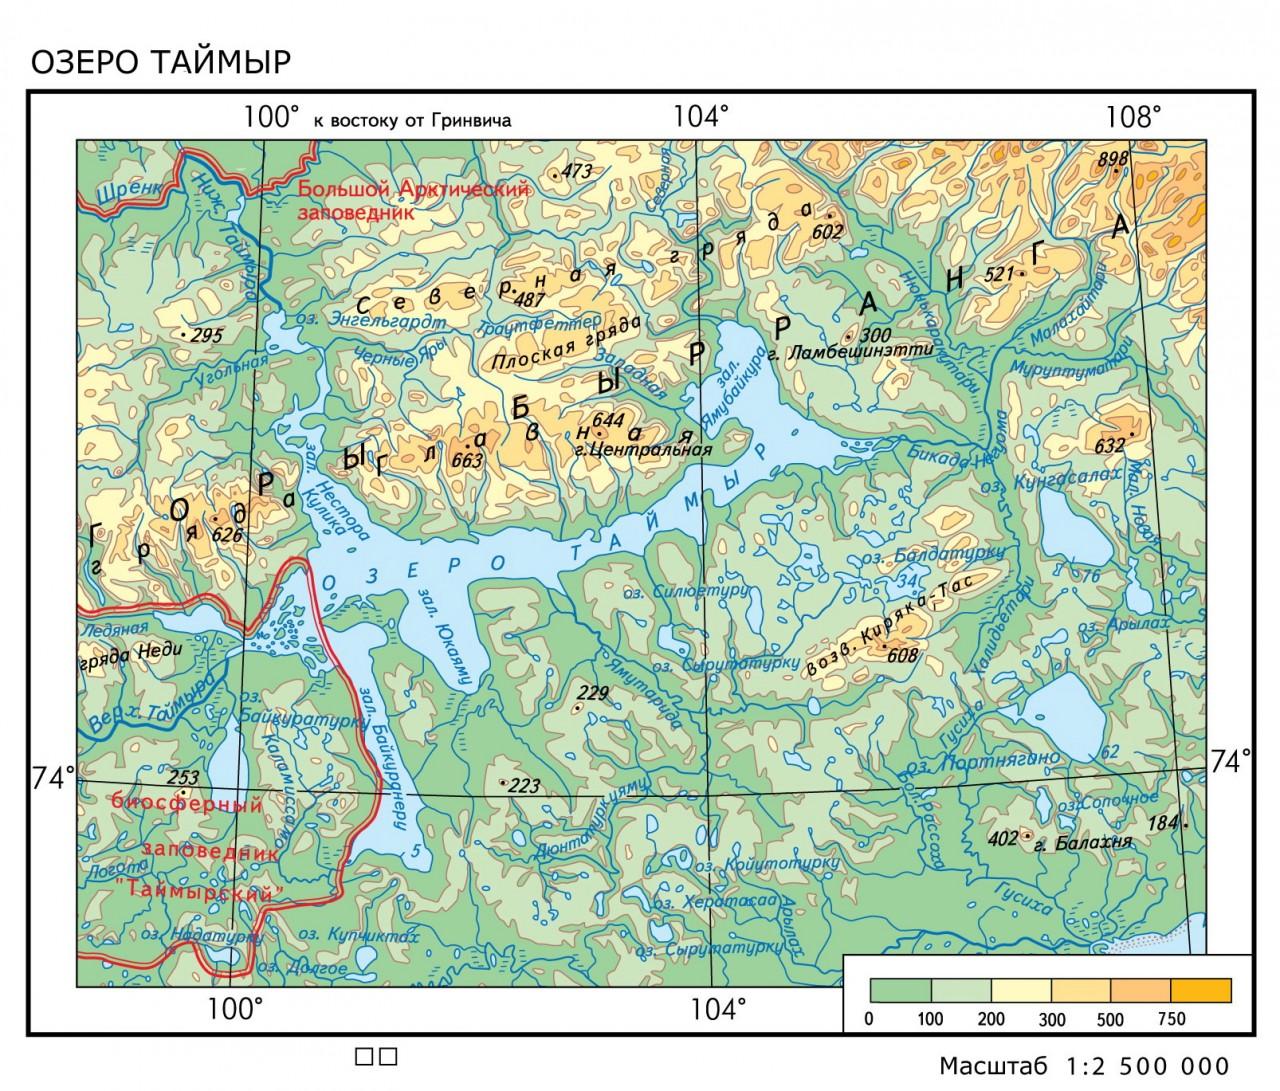 Красоты России. Озеро Таймыр - жемчужина крайнего севера России